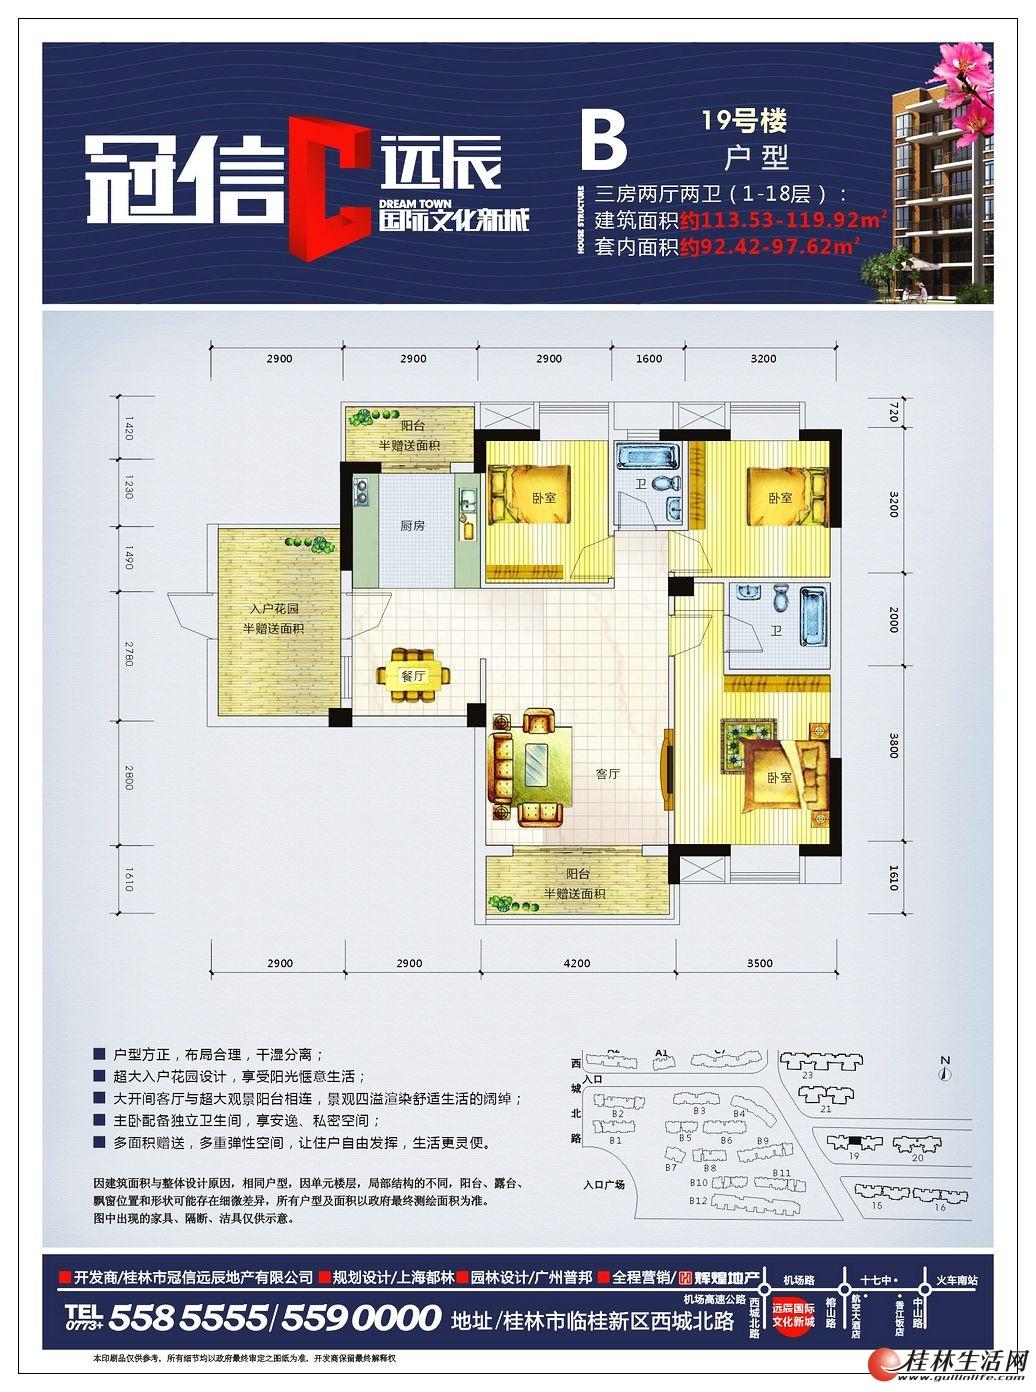 19号楼B户型  三房两厅两卫 113.53~119.92㎡